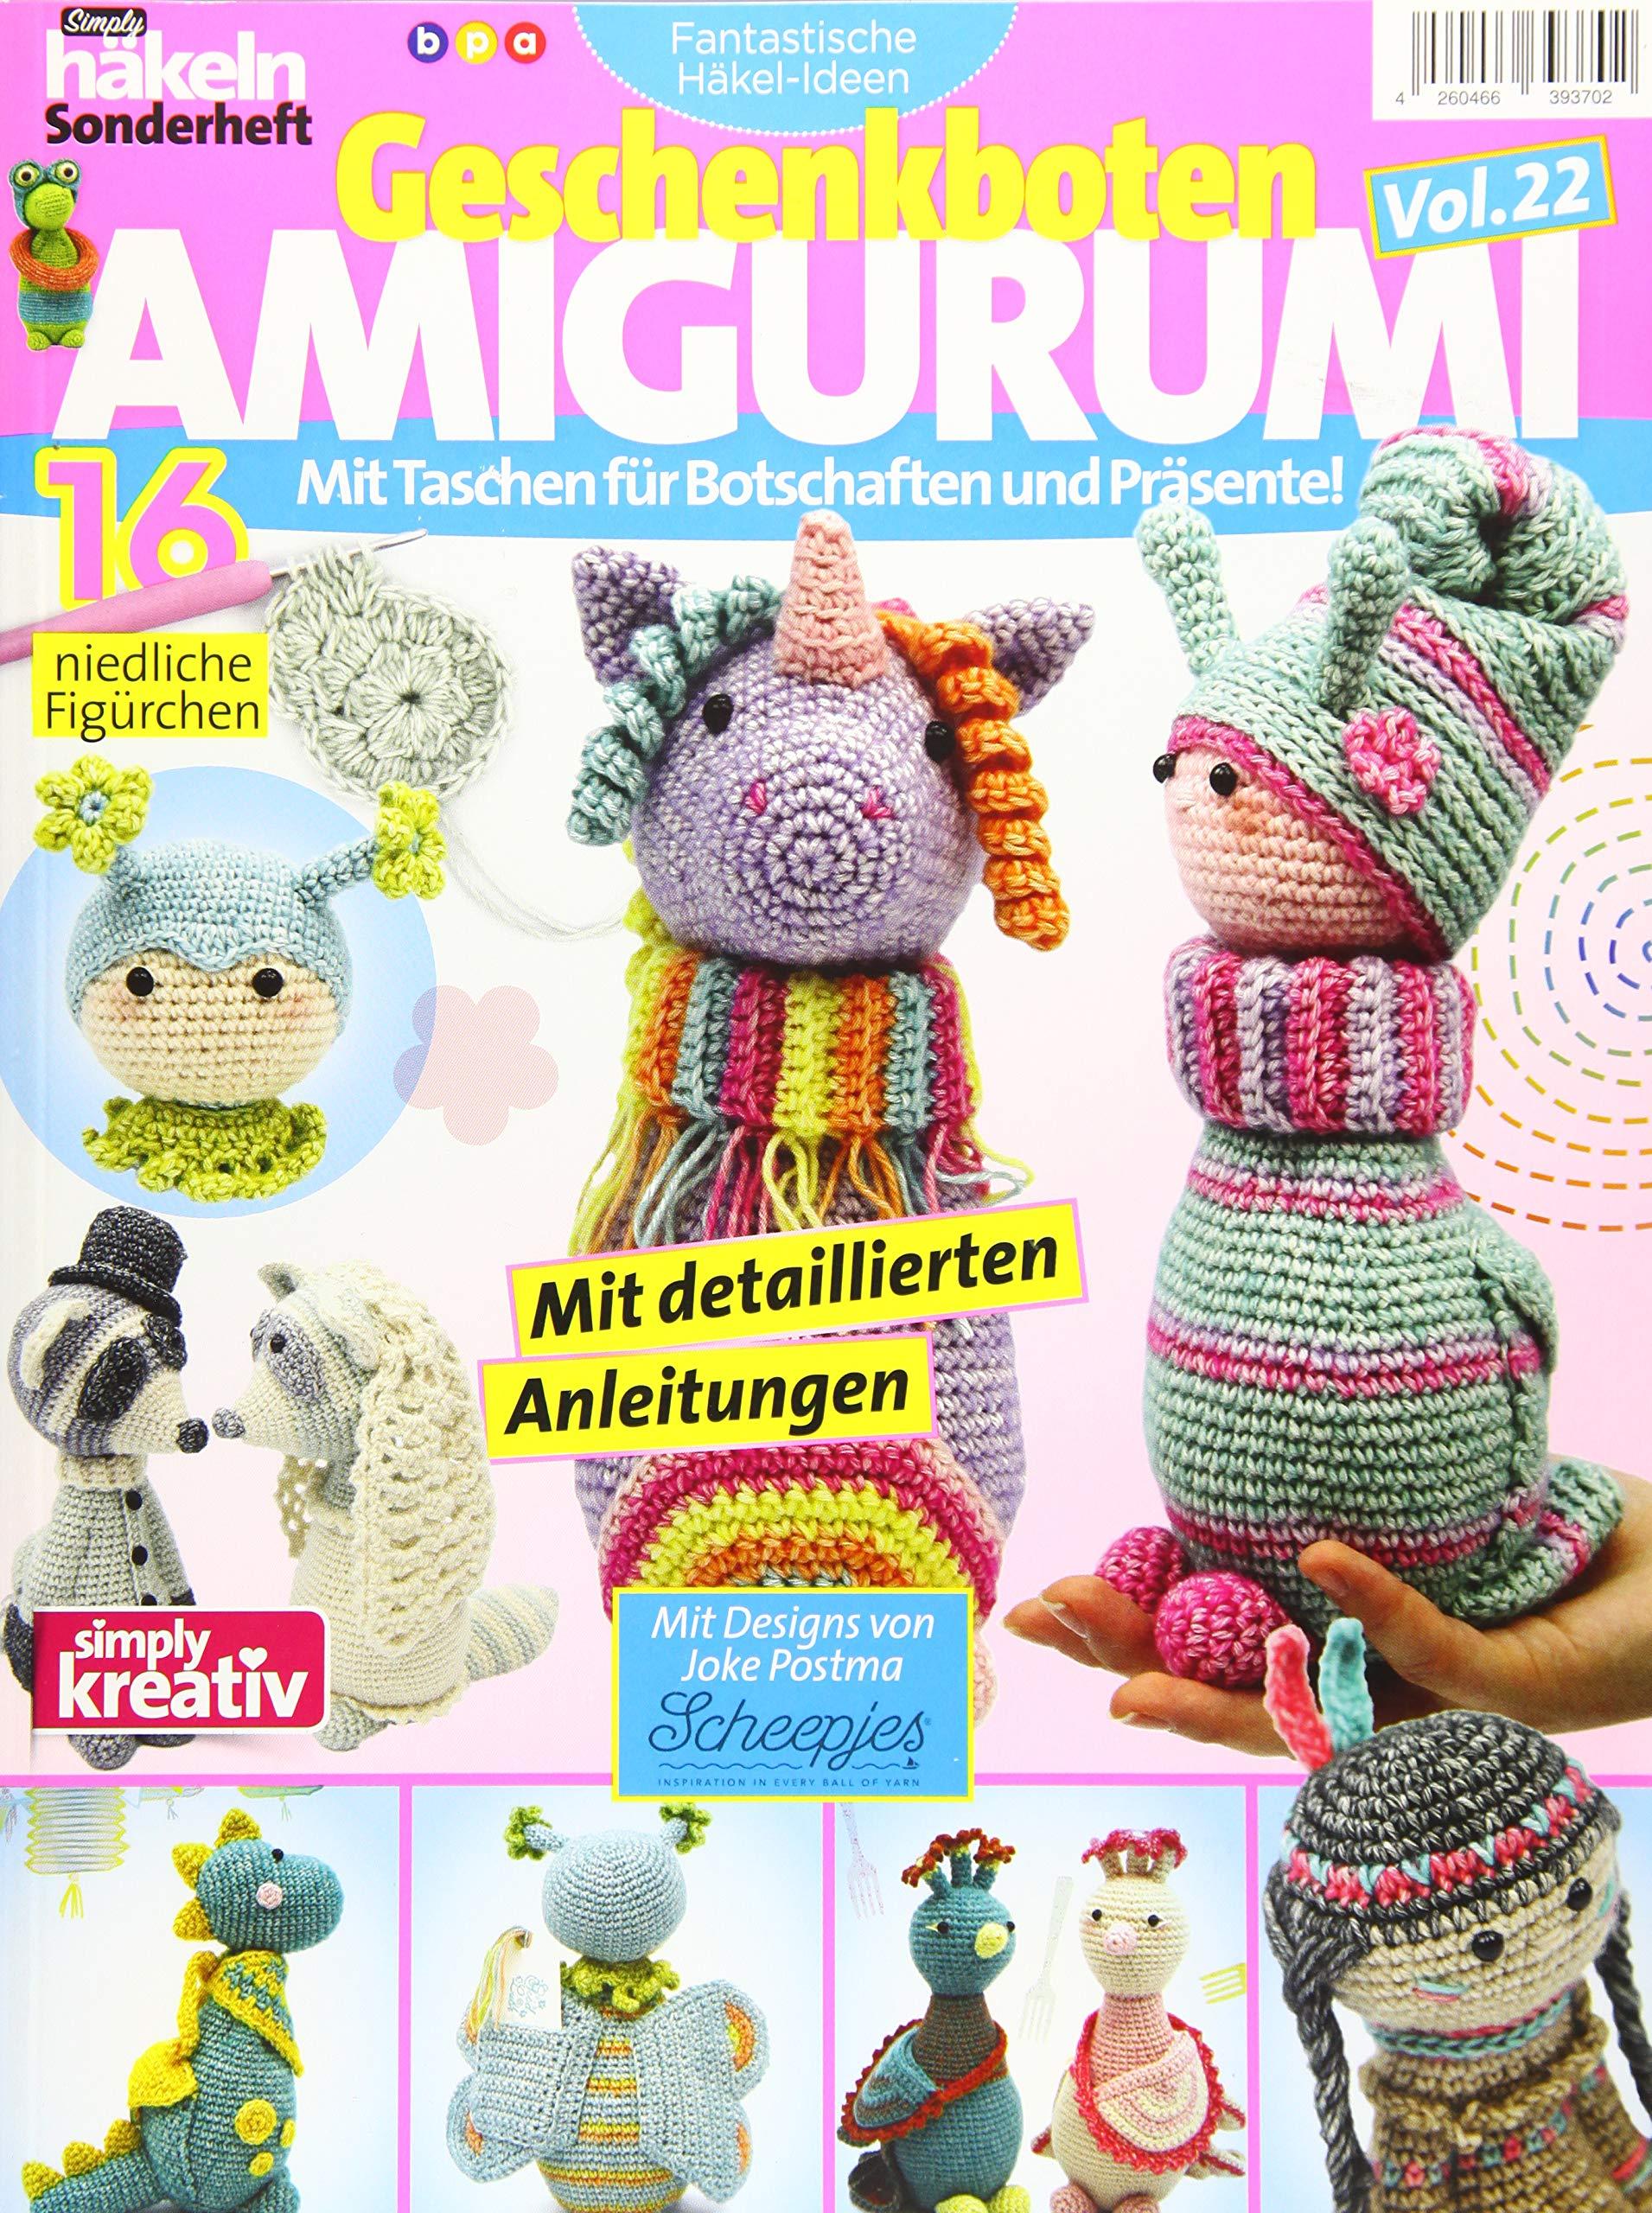 Fantastische Häkel Ideen  Geschenkboten AMIGURUMI Vol. 22  Mit Taschen Für Botschaften Und Präsente